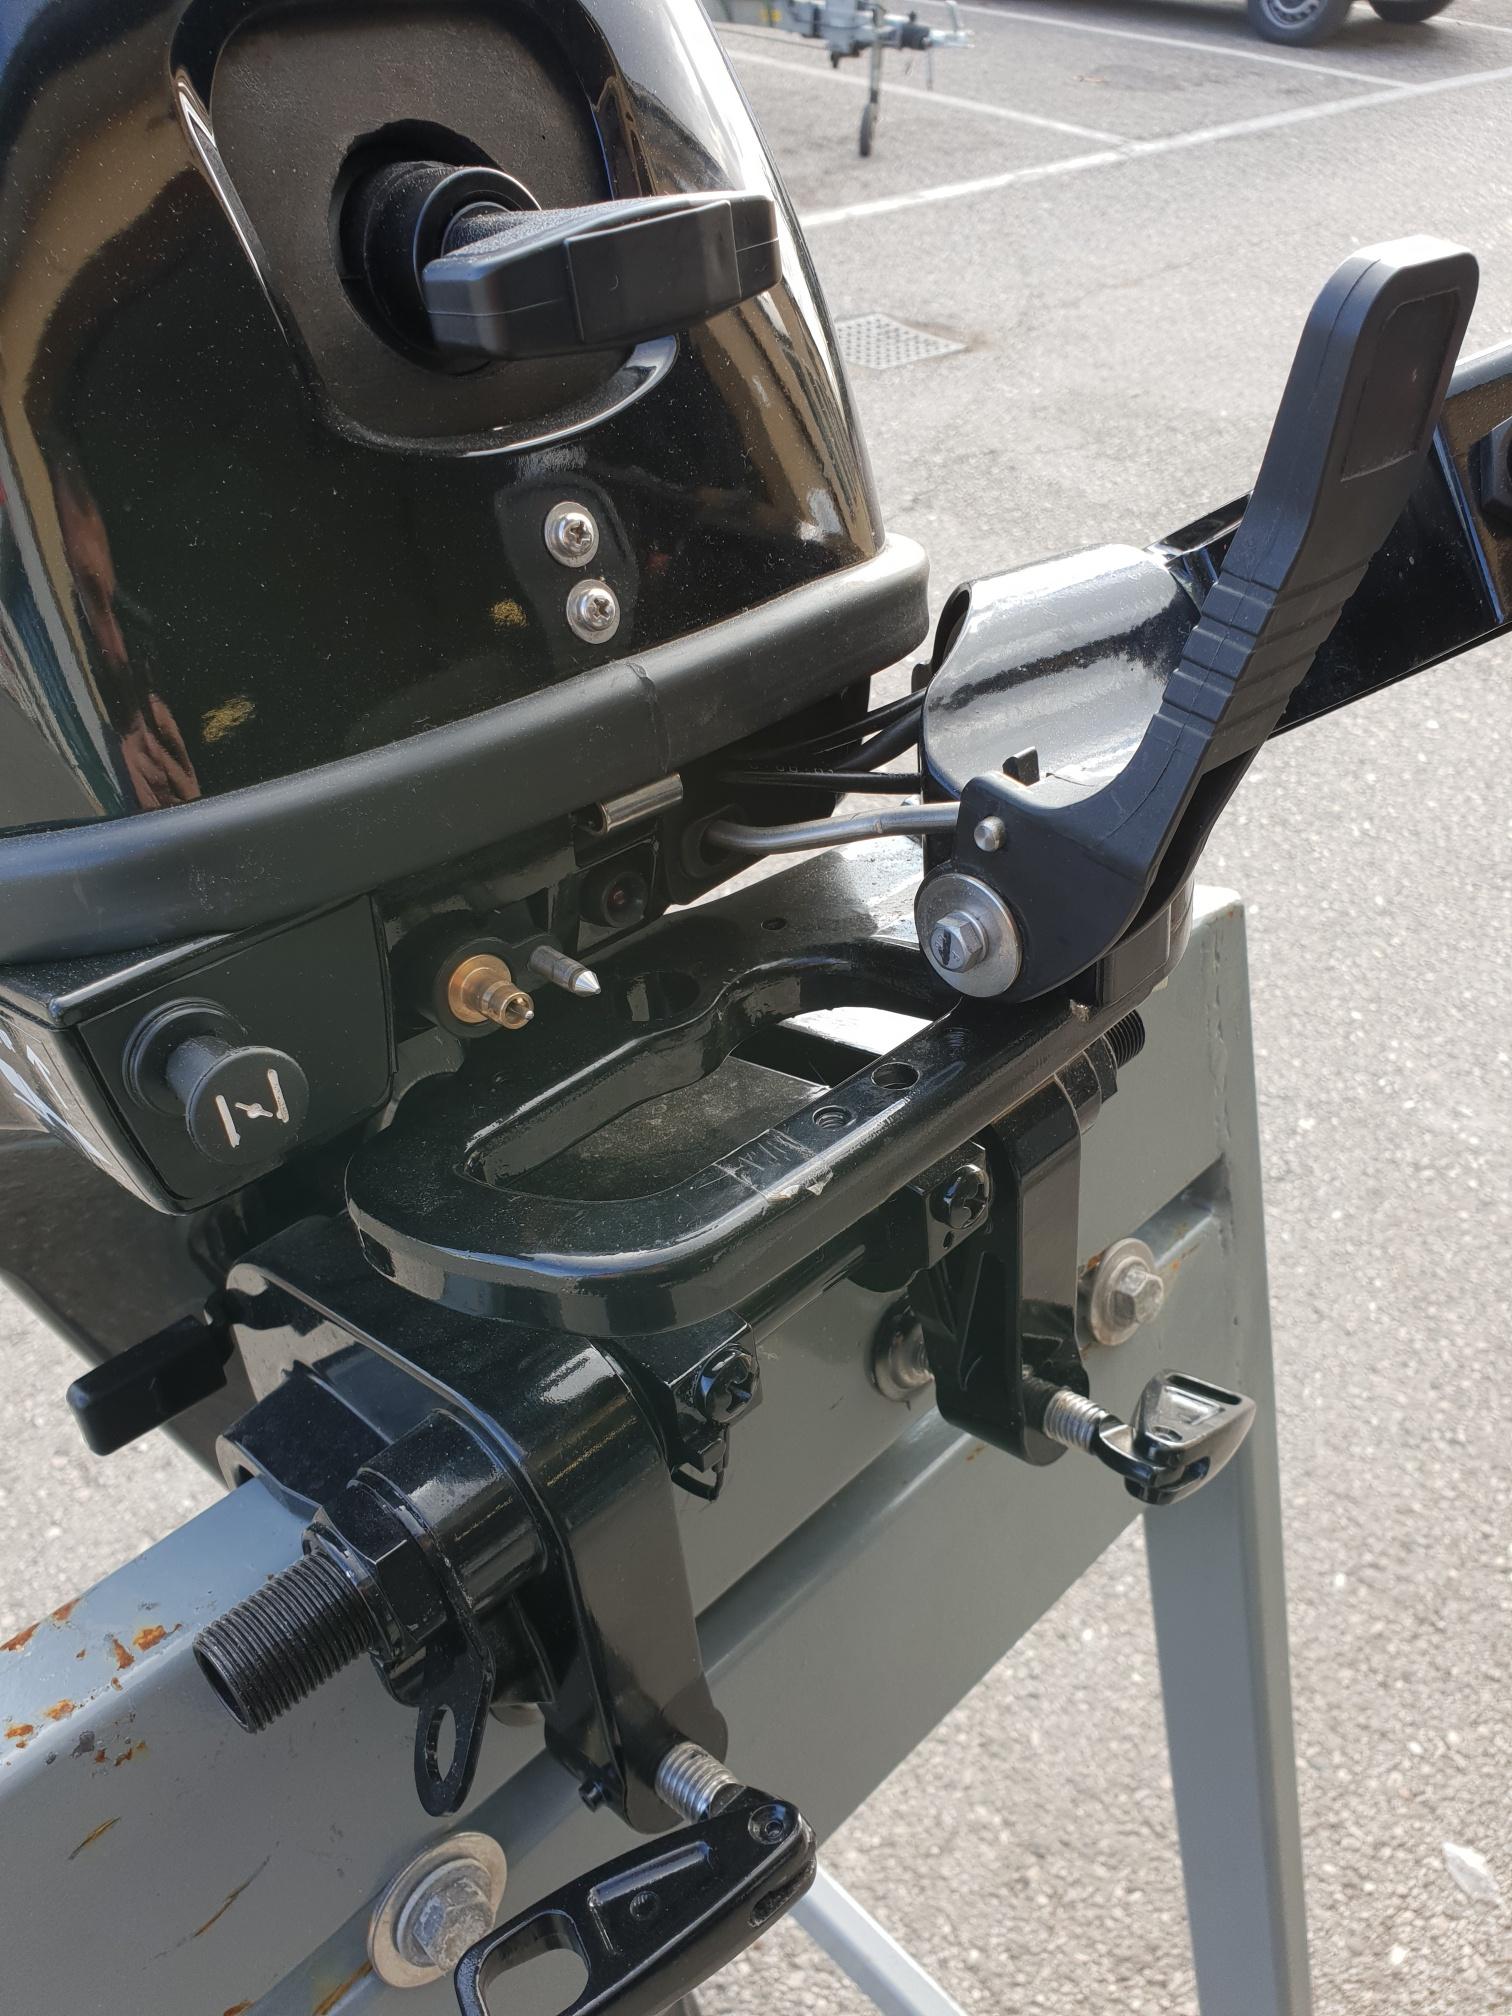 Foto Motore Fuoribordo Usato Hidea F 9.9 4 tempi gambo corto - 2